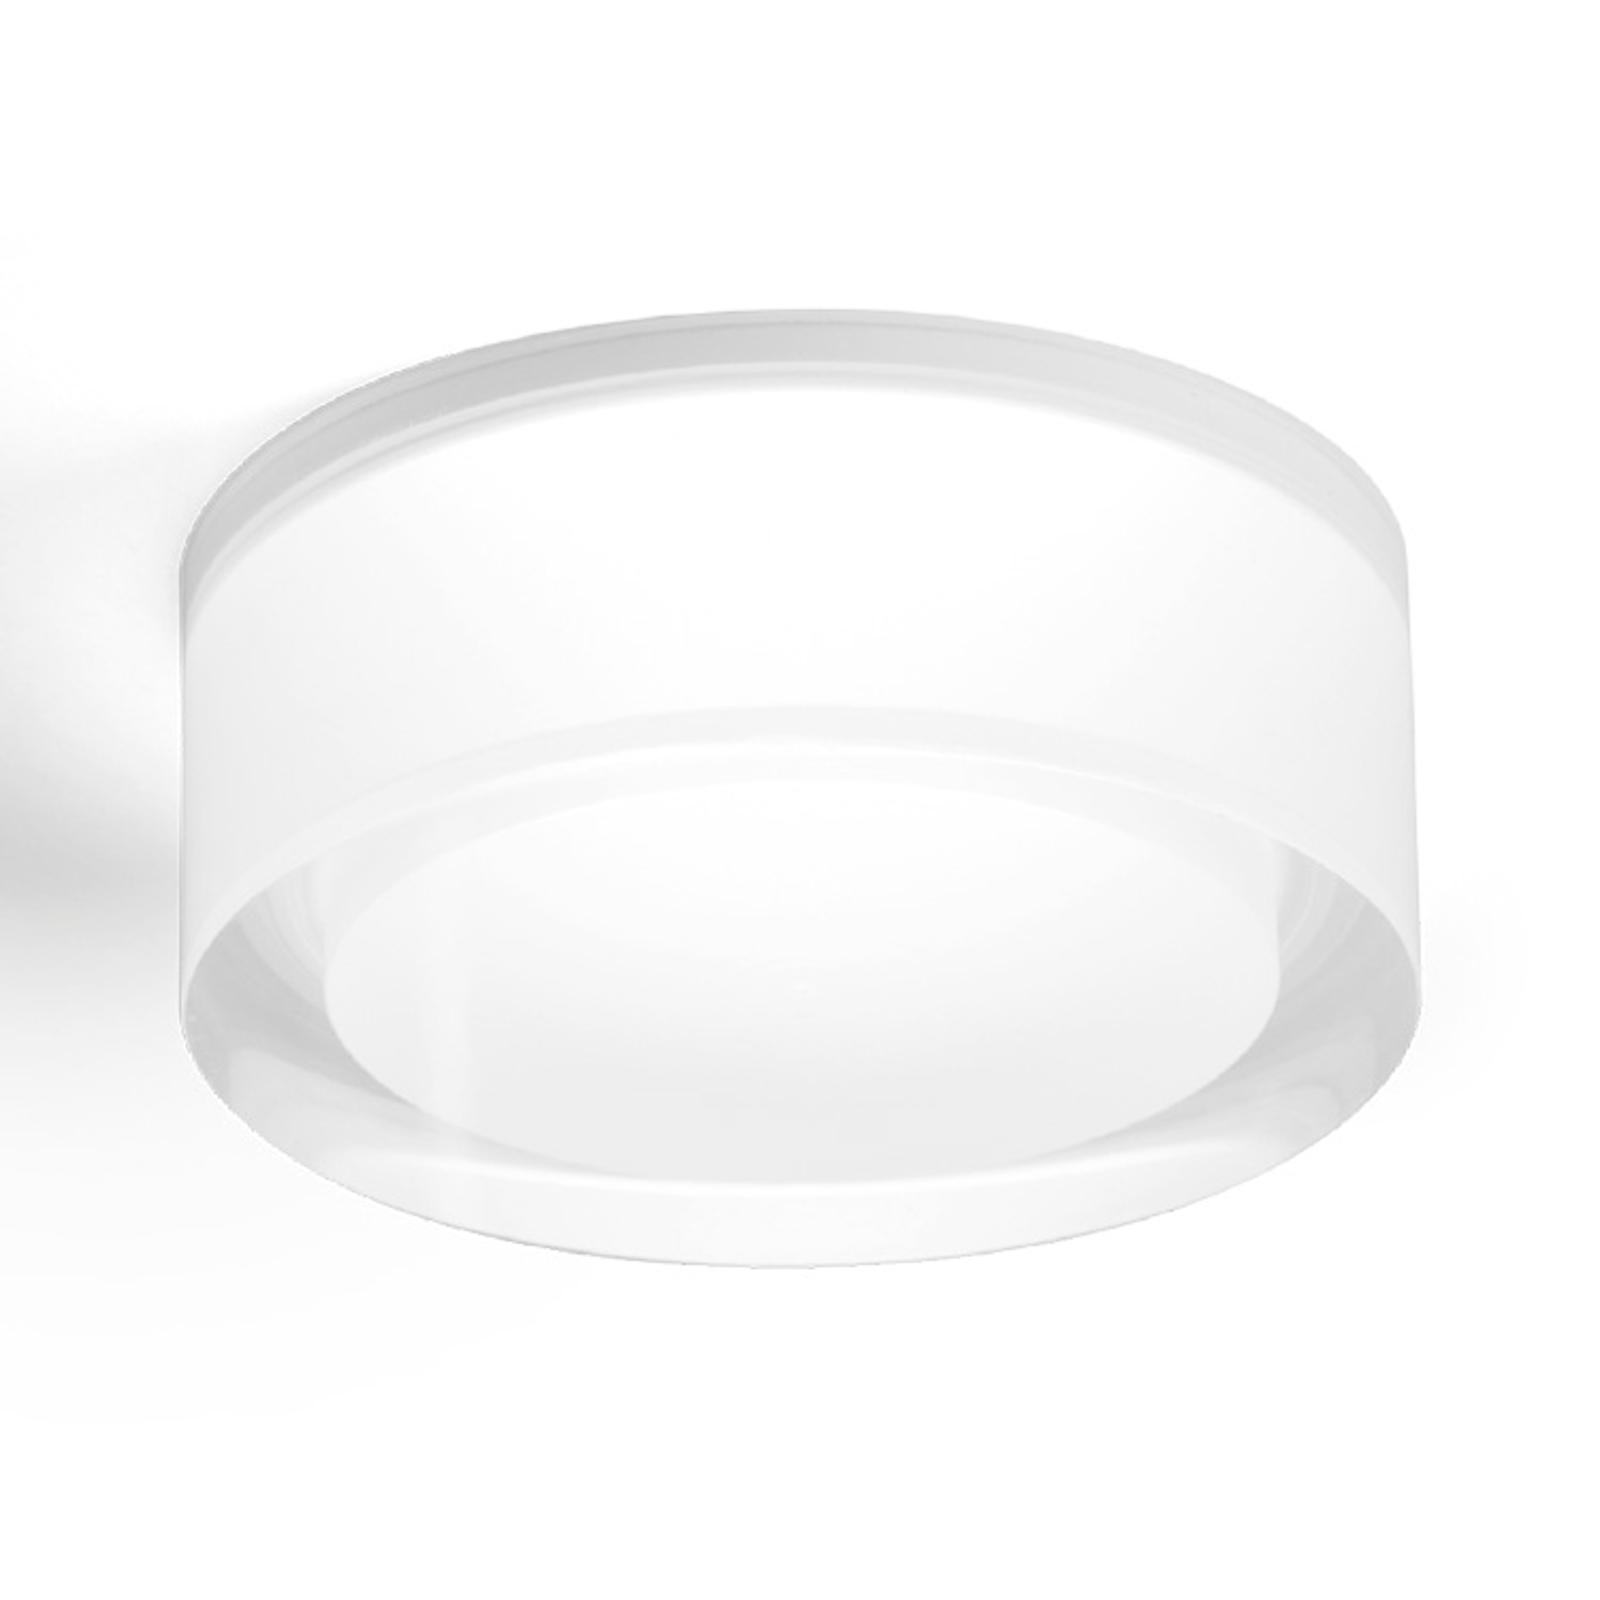 WEVER & DUCRÉ Mirbi IP44 1.0 LED inbouwlamp rond